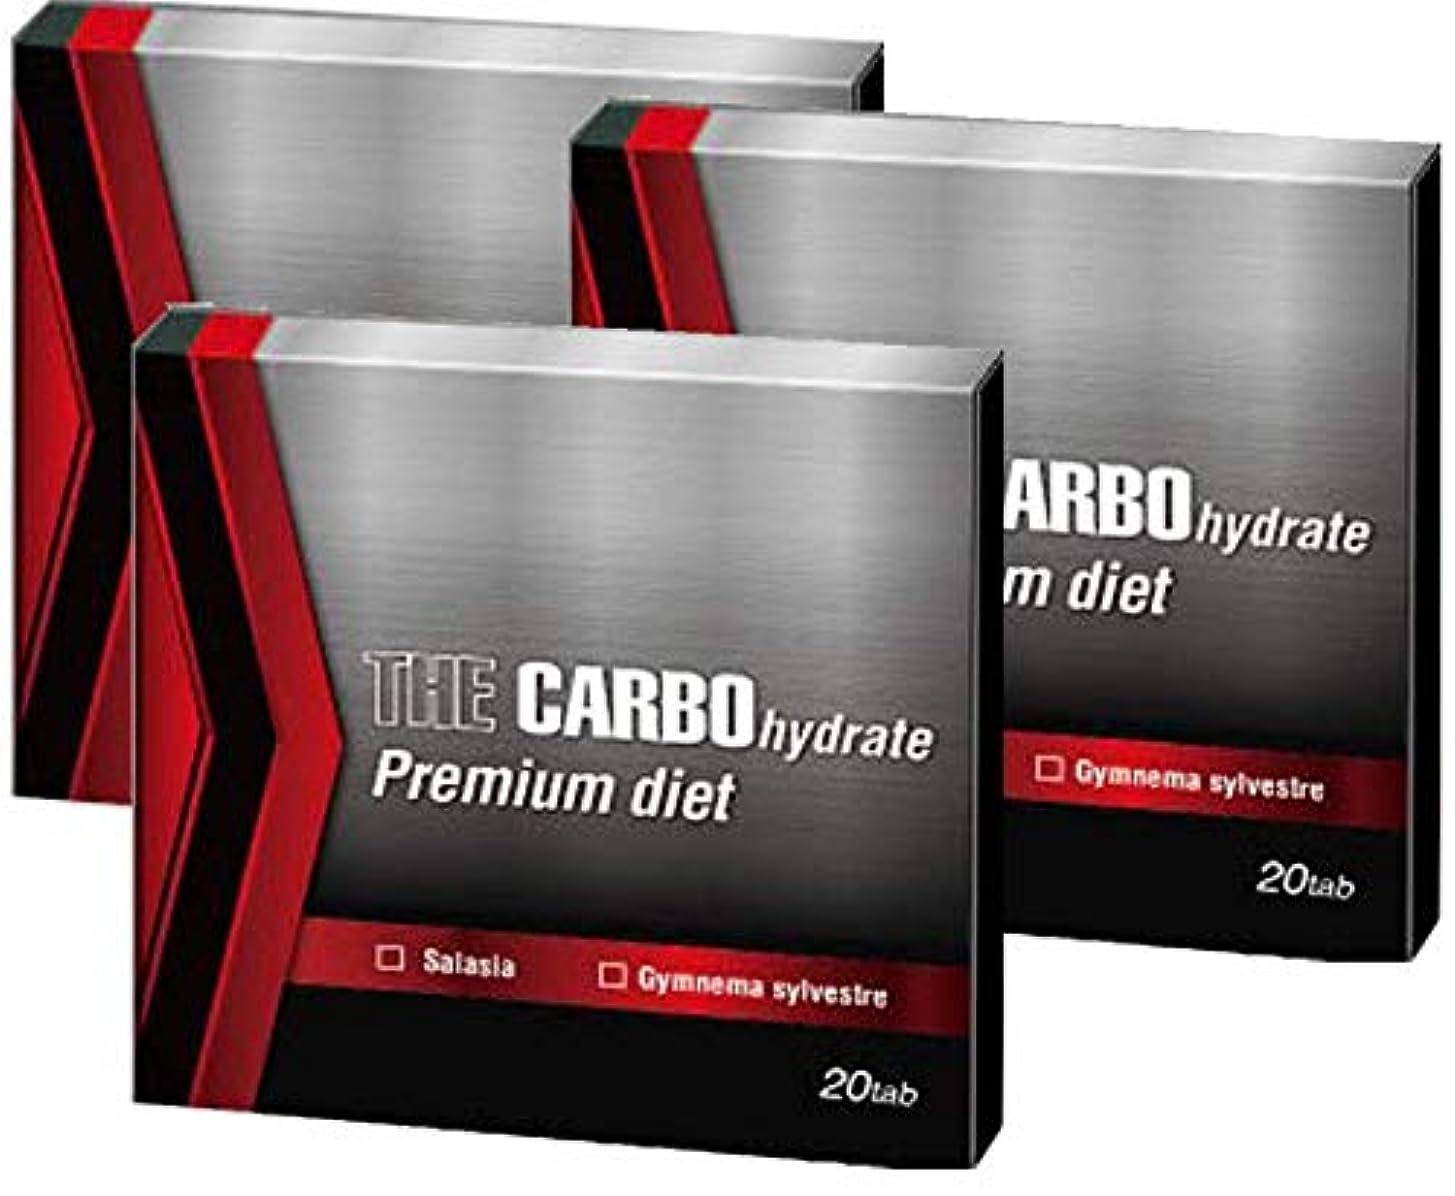 池リベラルファイターザ?糖質プレミアムダイエット20Tab×3箱セット〔THE CARBO hydrate Premium daiet〕